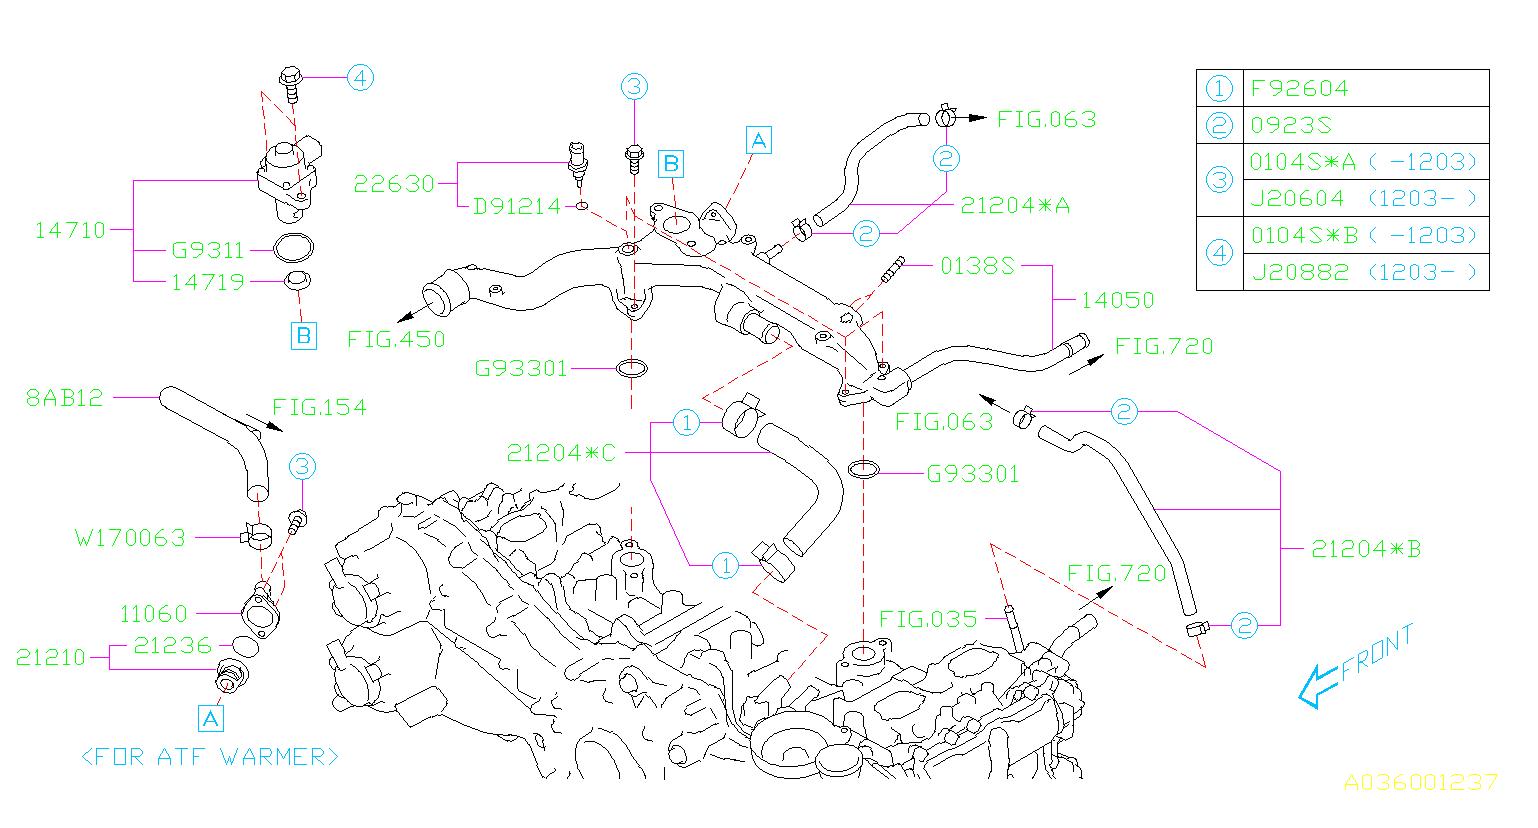 Subaru       Impreza    Sensor assemblytemperature Pipe  water